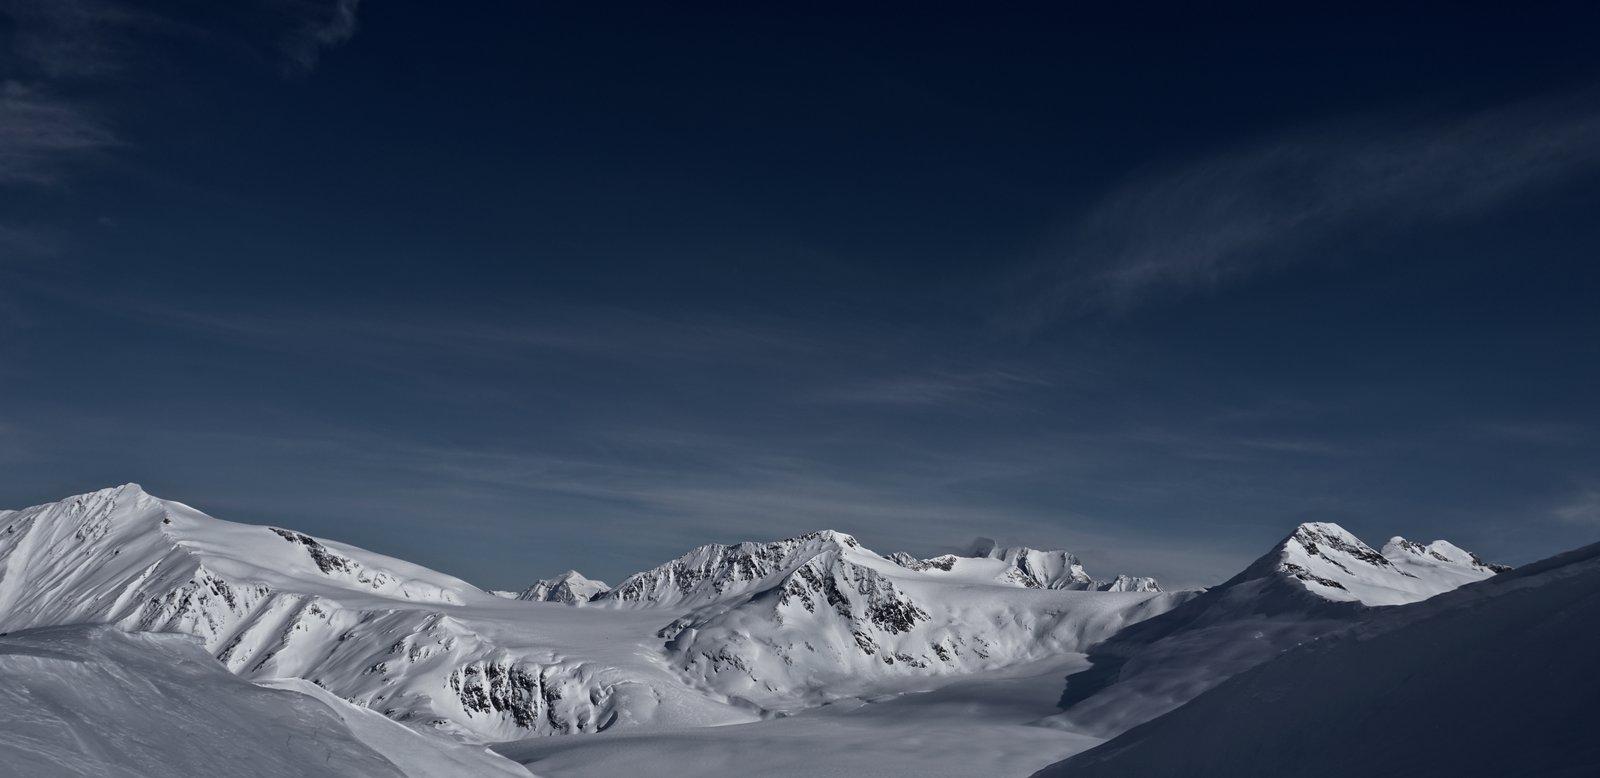 Selkerk Glacier